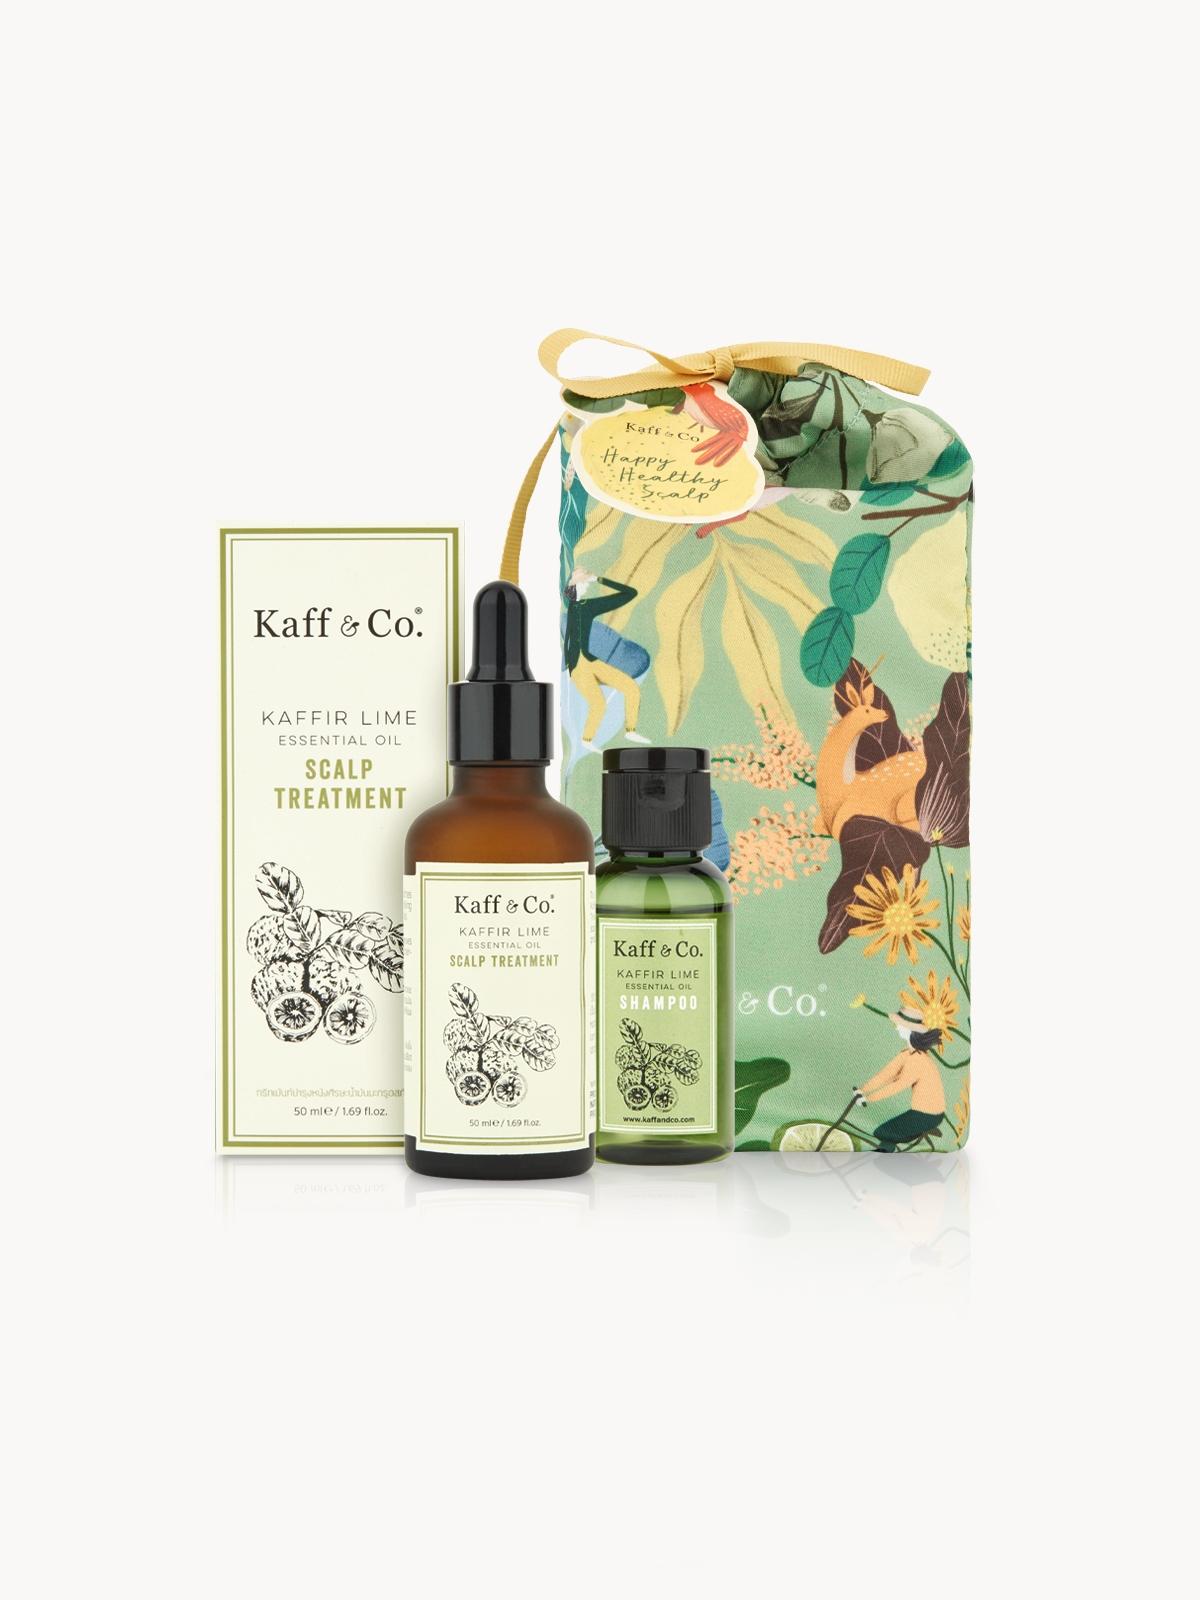 Kaff Co Kaffir Lime Essential Oil Scalp Treatment 50 ml